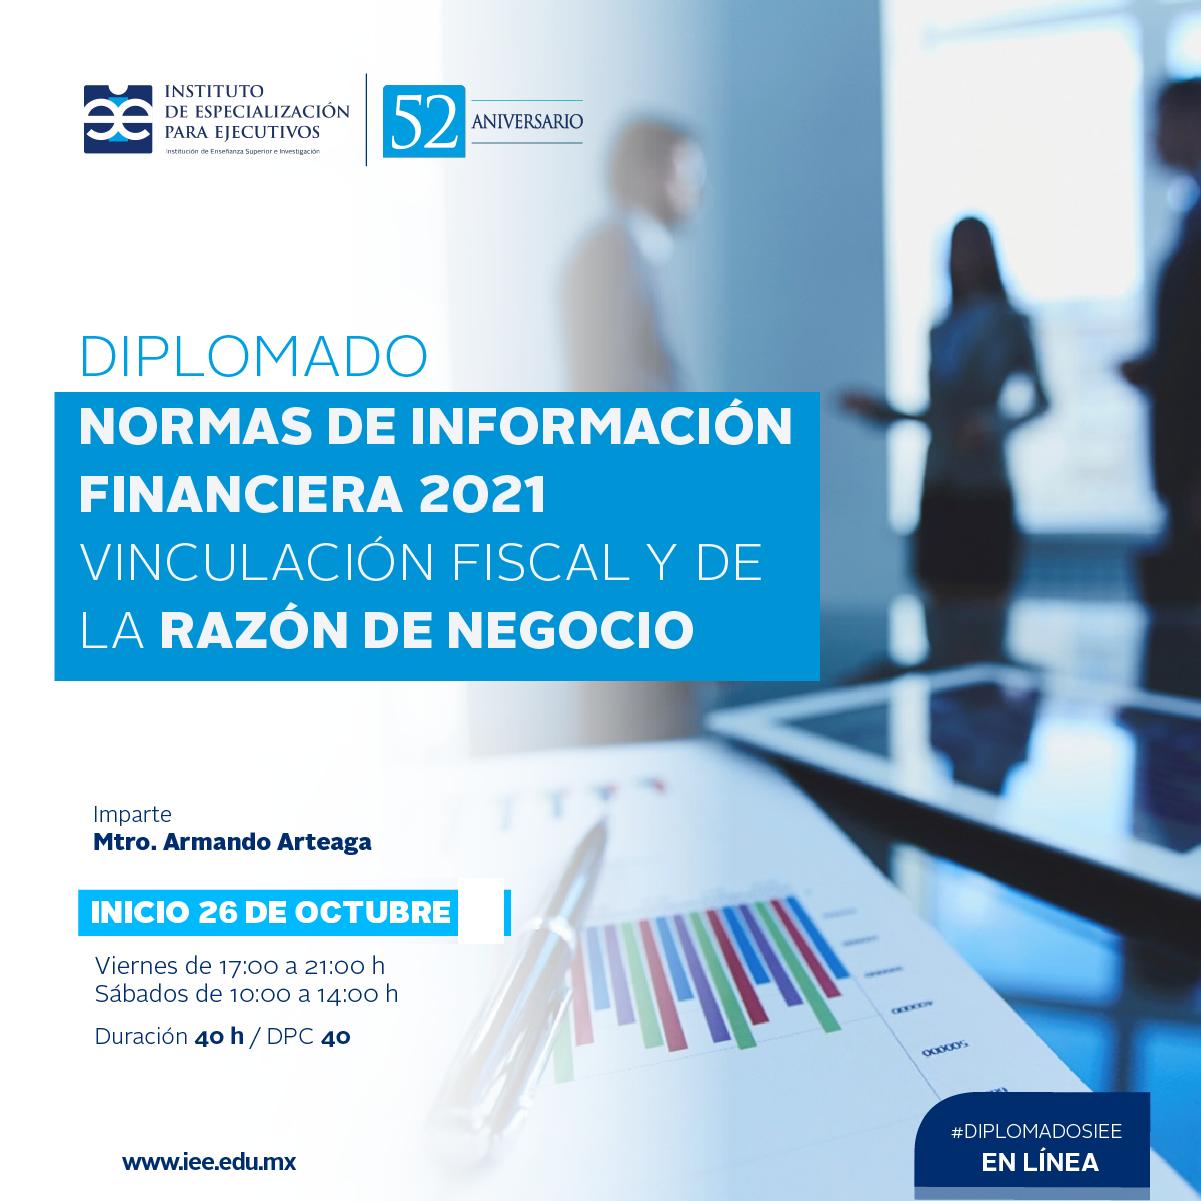 Diplomado en Línea en Normas de Información Financiera 2021 Vinculación Fiscal y de la Razón de Negocio